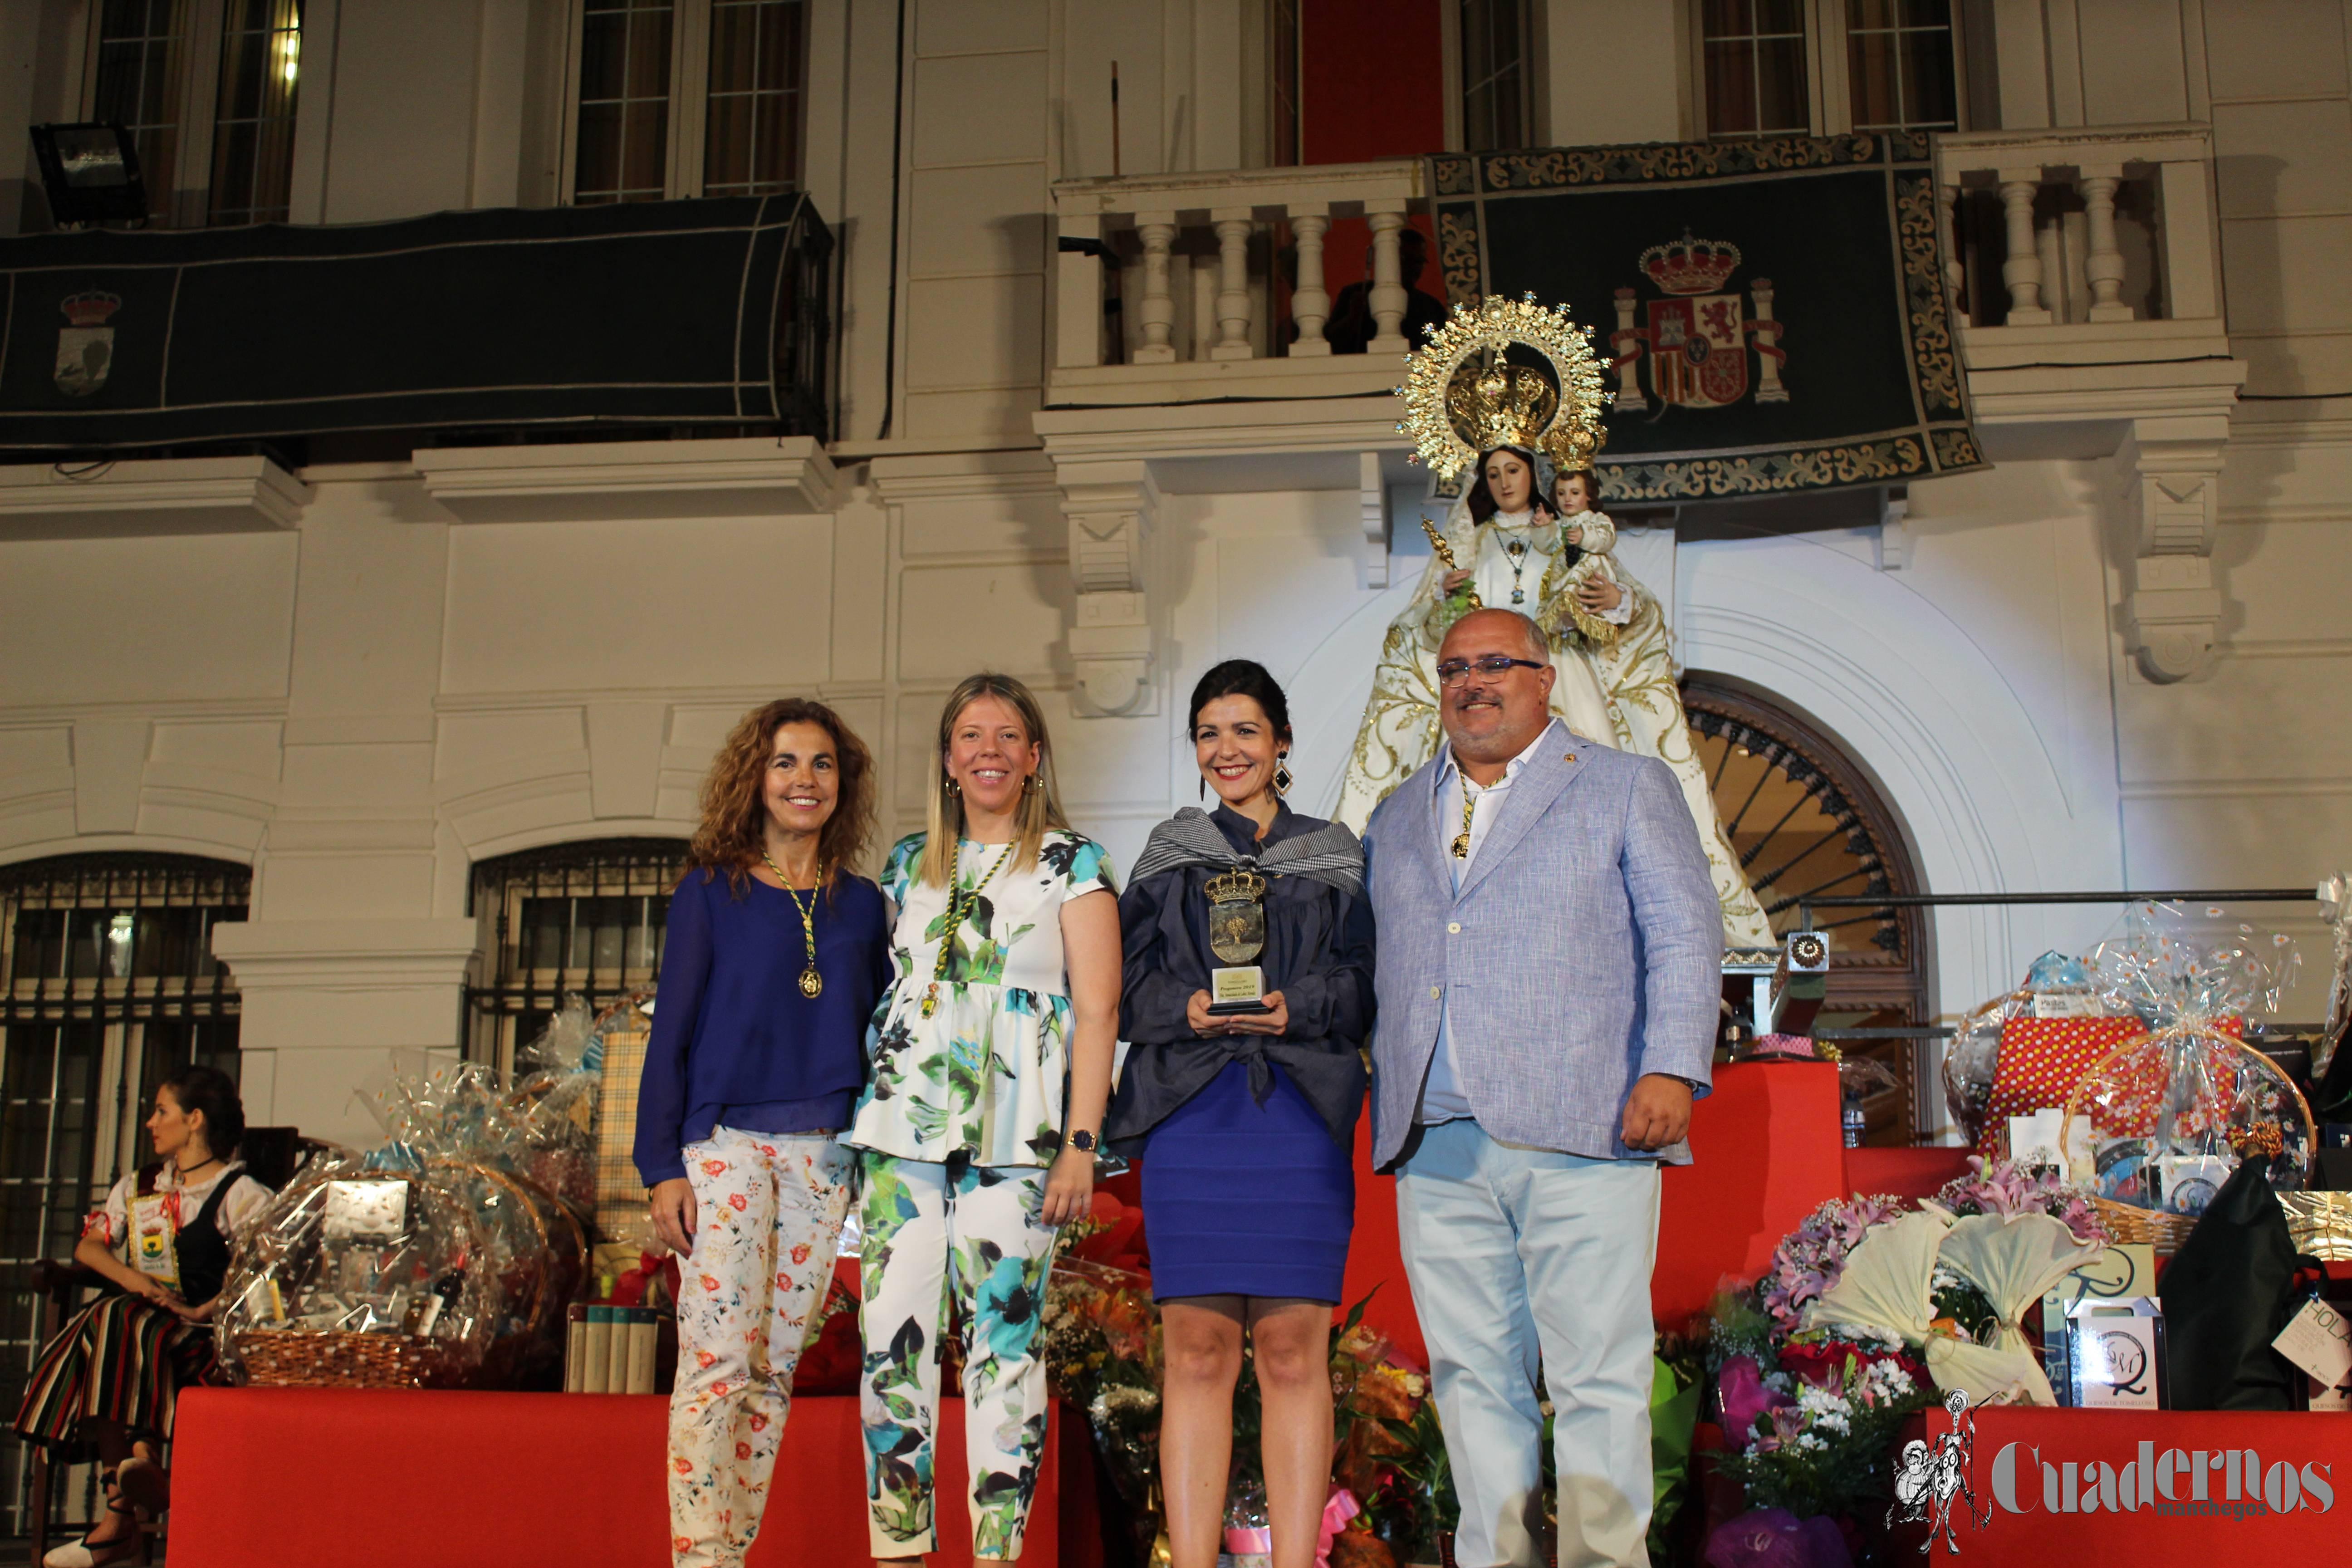 El pregón de Inmaculada de Lahoz Morales inicia la Feria y Fiestas de Tomelloso 2019